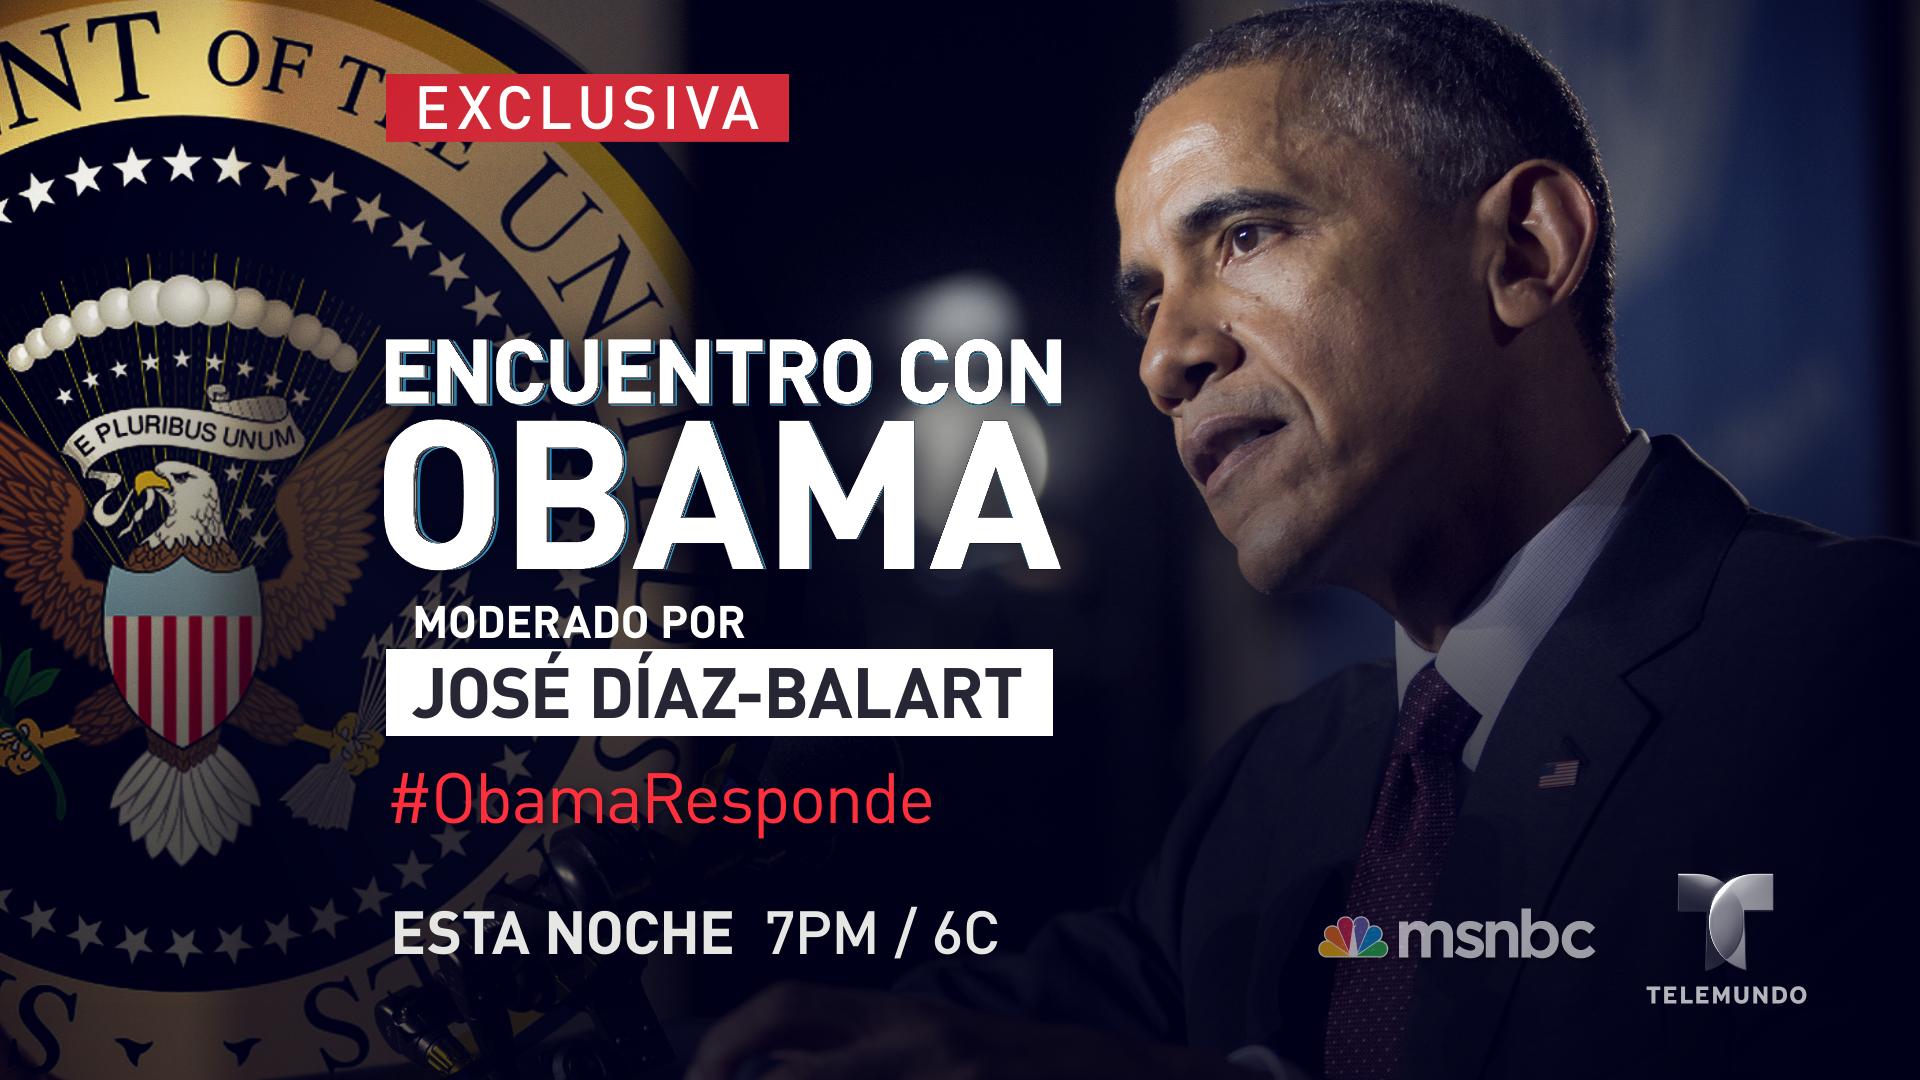 Haz preguntas de inmigración al presidente #Obama con el hashtag #ObamaResponde y sintoniza @Telemundo esta noche http://t.co/LpBcO7deEp